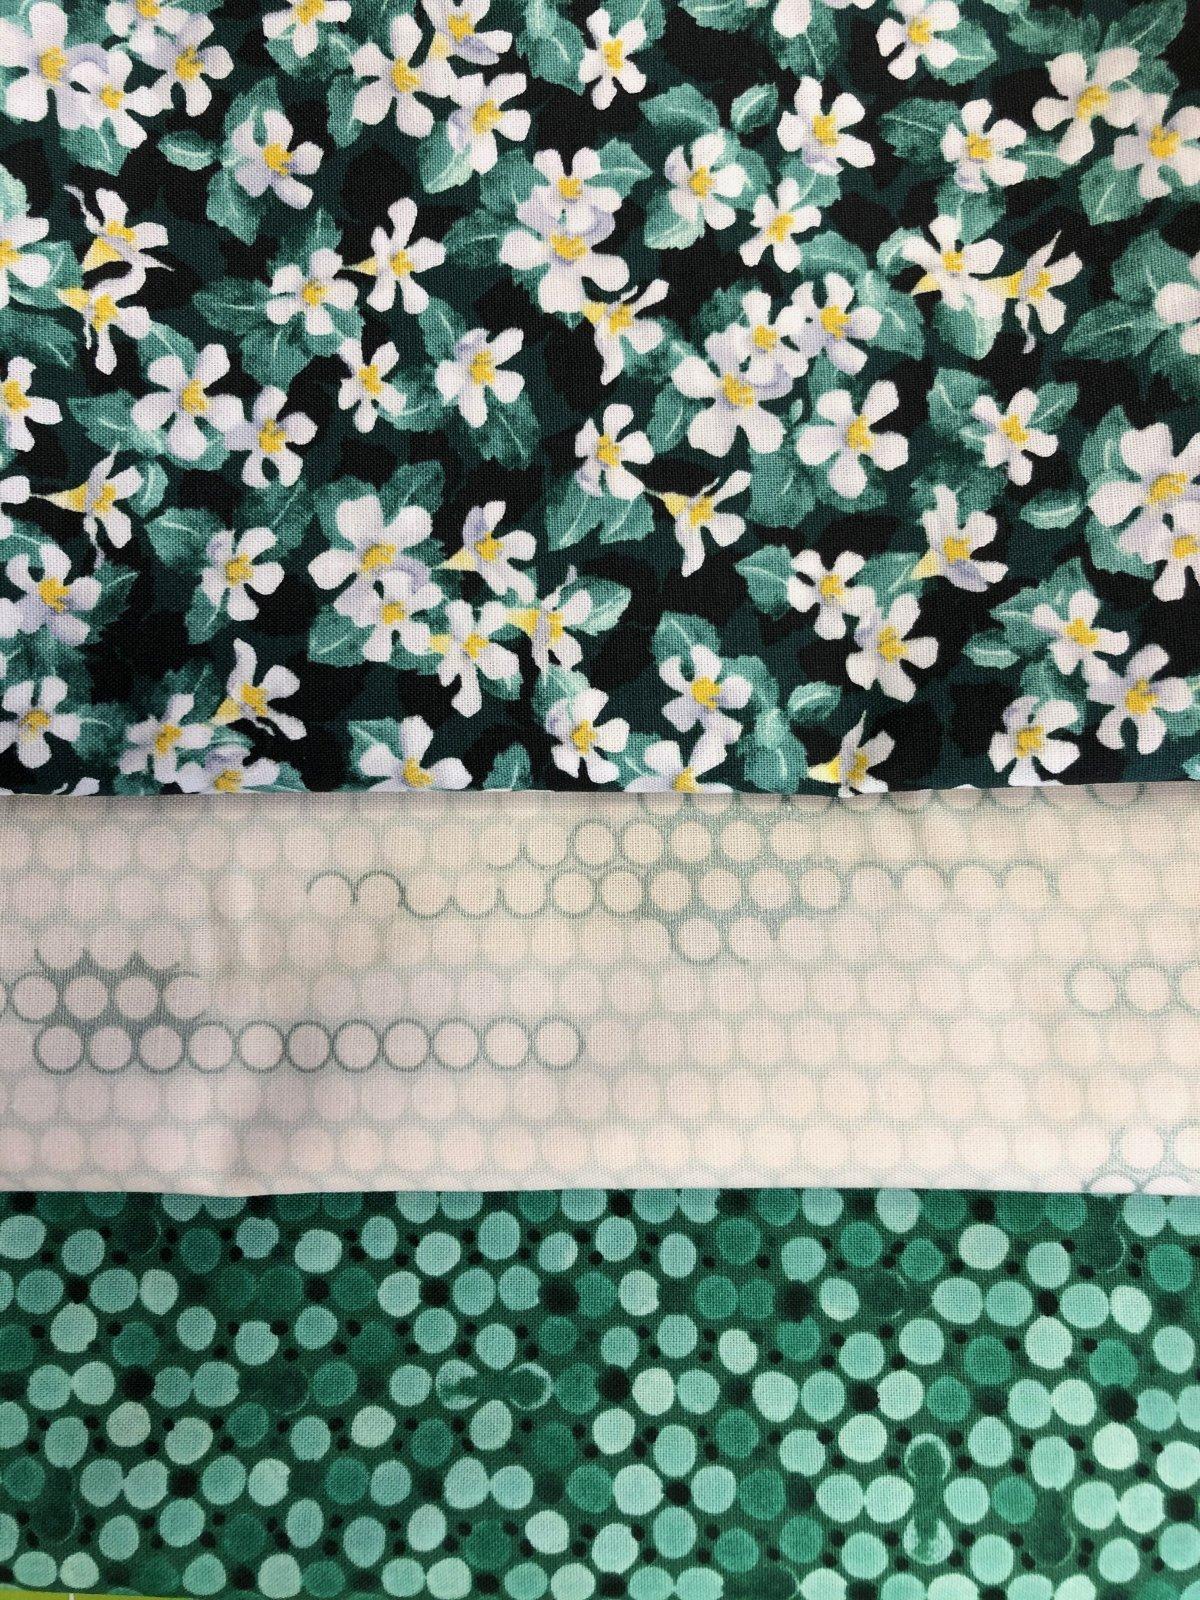 Bundle 157-Blossoms